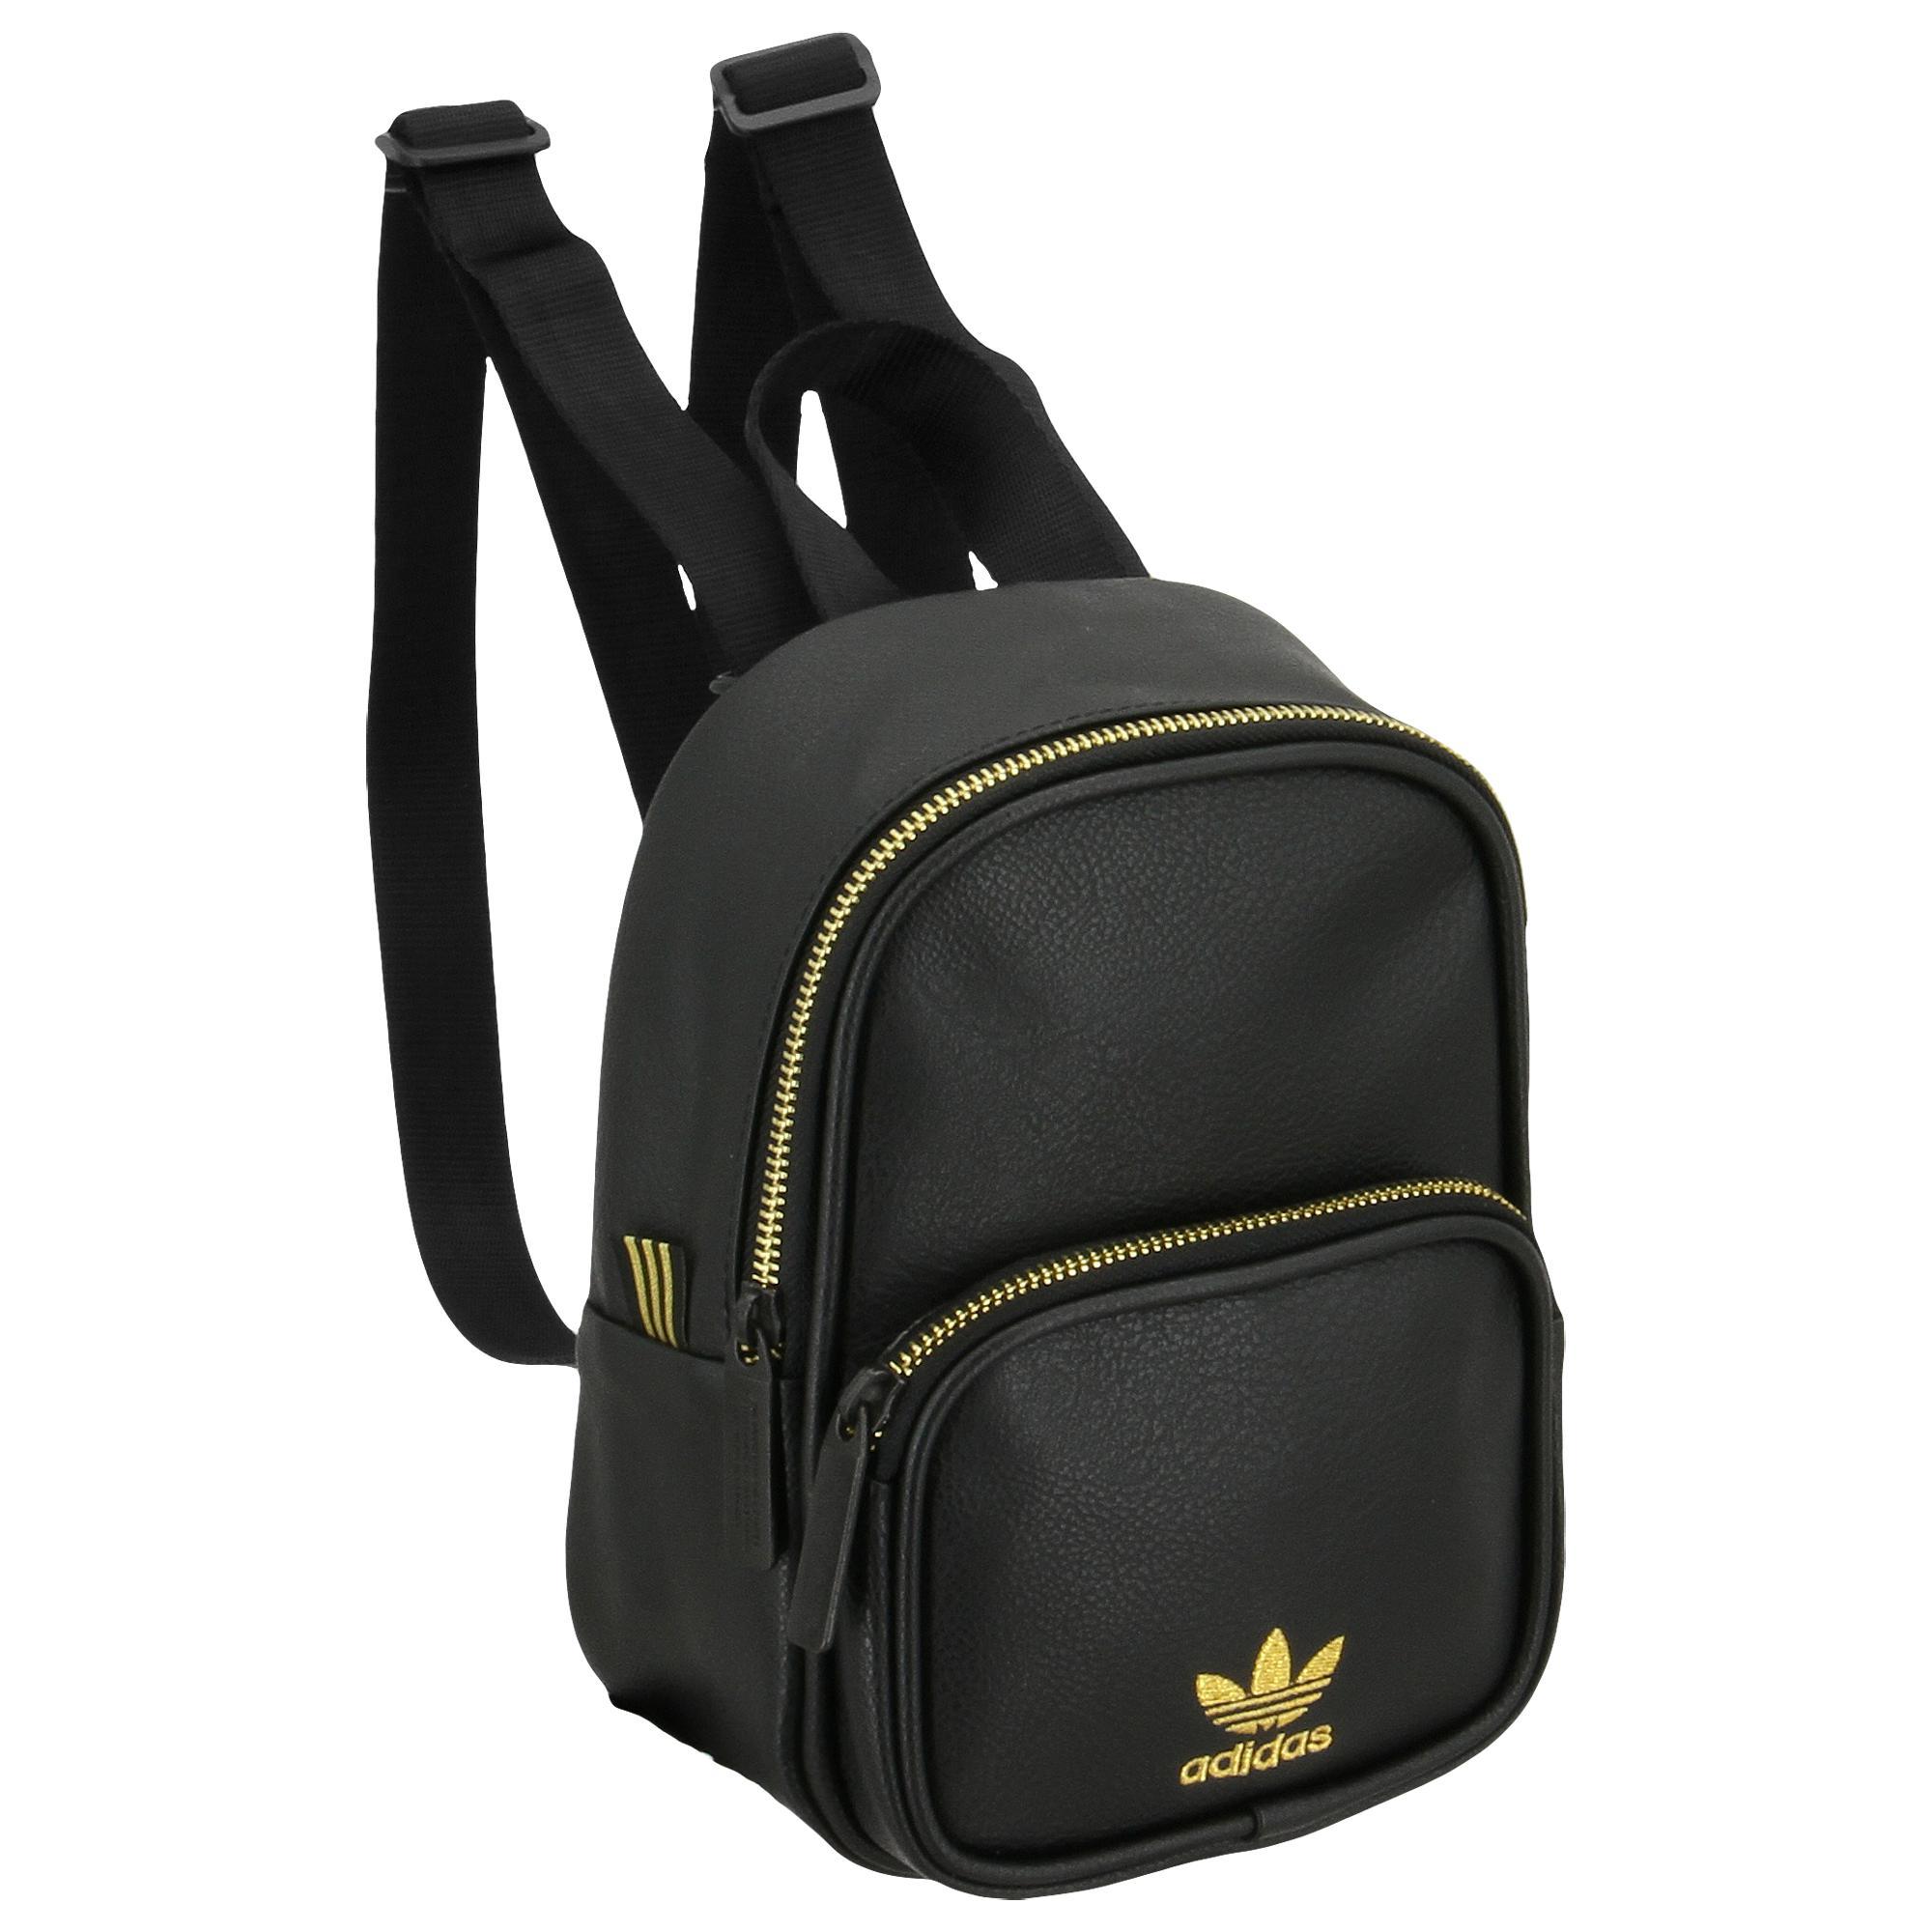 Lyst - adidas Originals Mini Pu Leather Backpack in Black 0d8831e82fd75